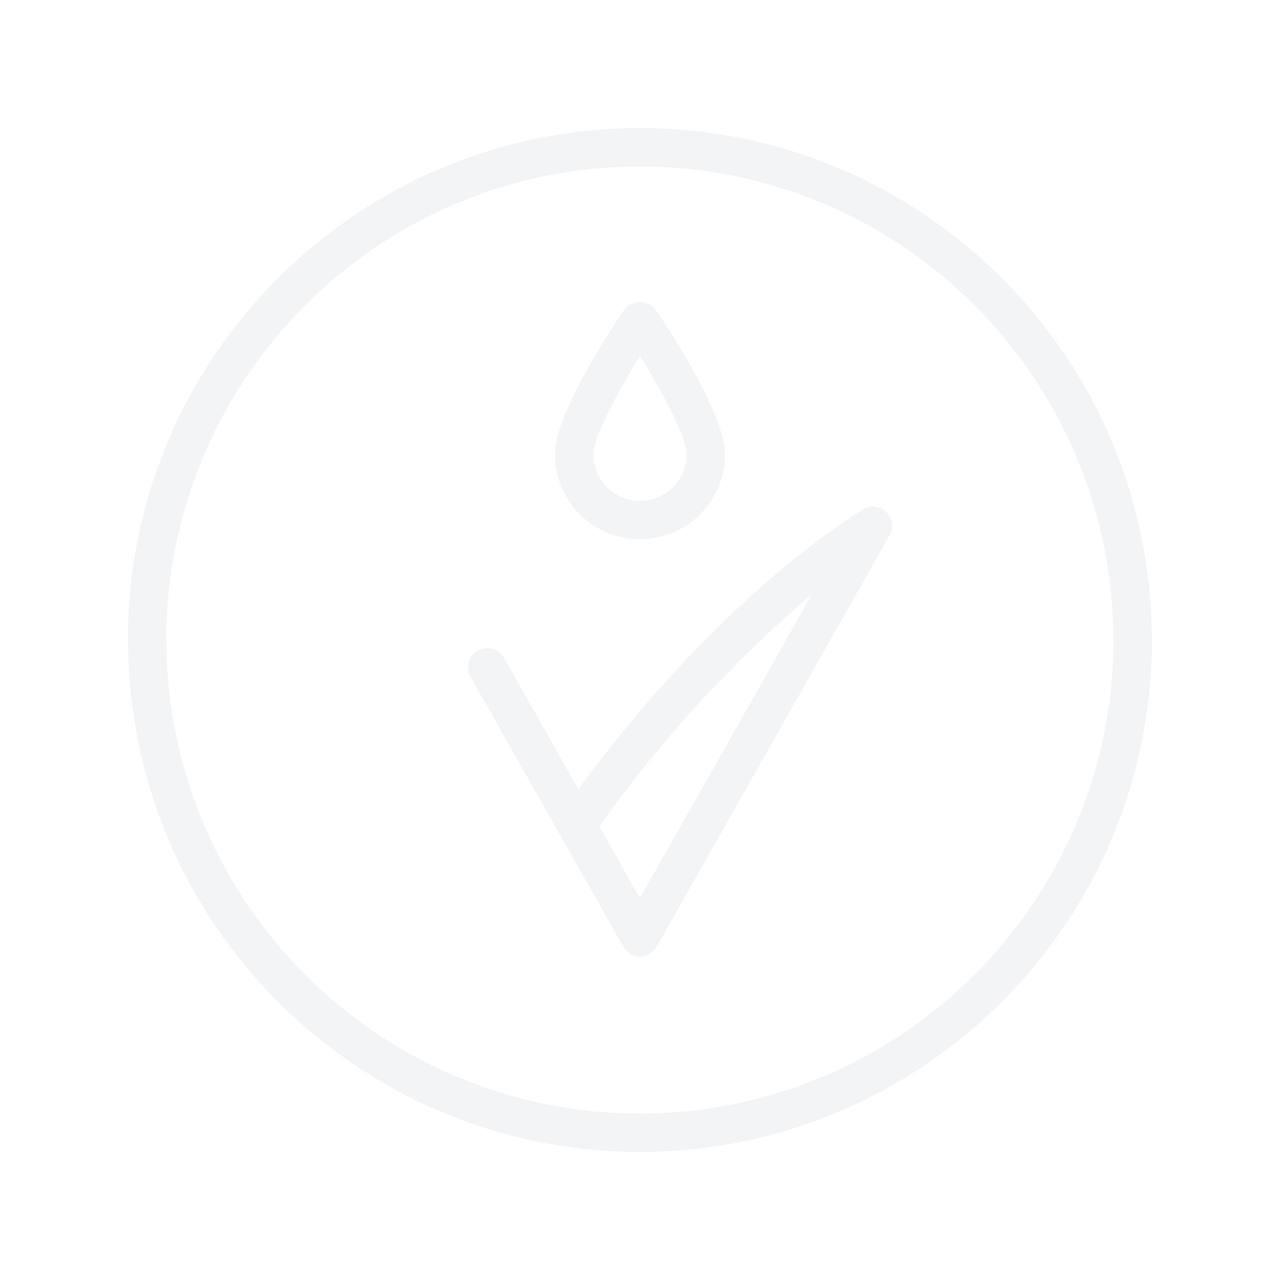 BALMAIN Professional Infared Blow Dryer (Black) профессиональный инфракрасный фен